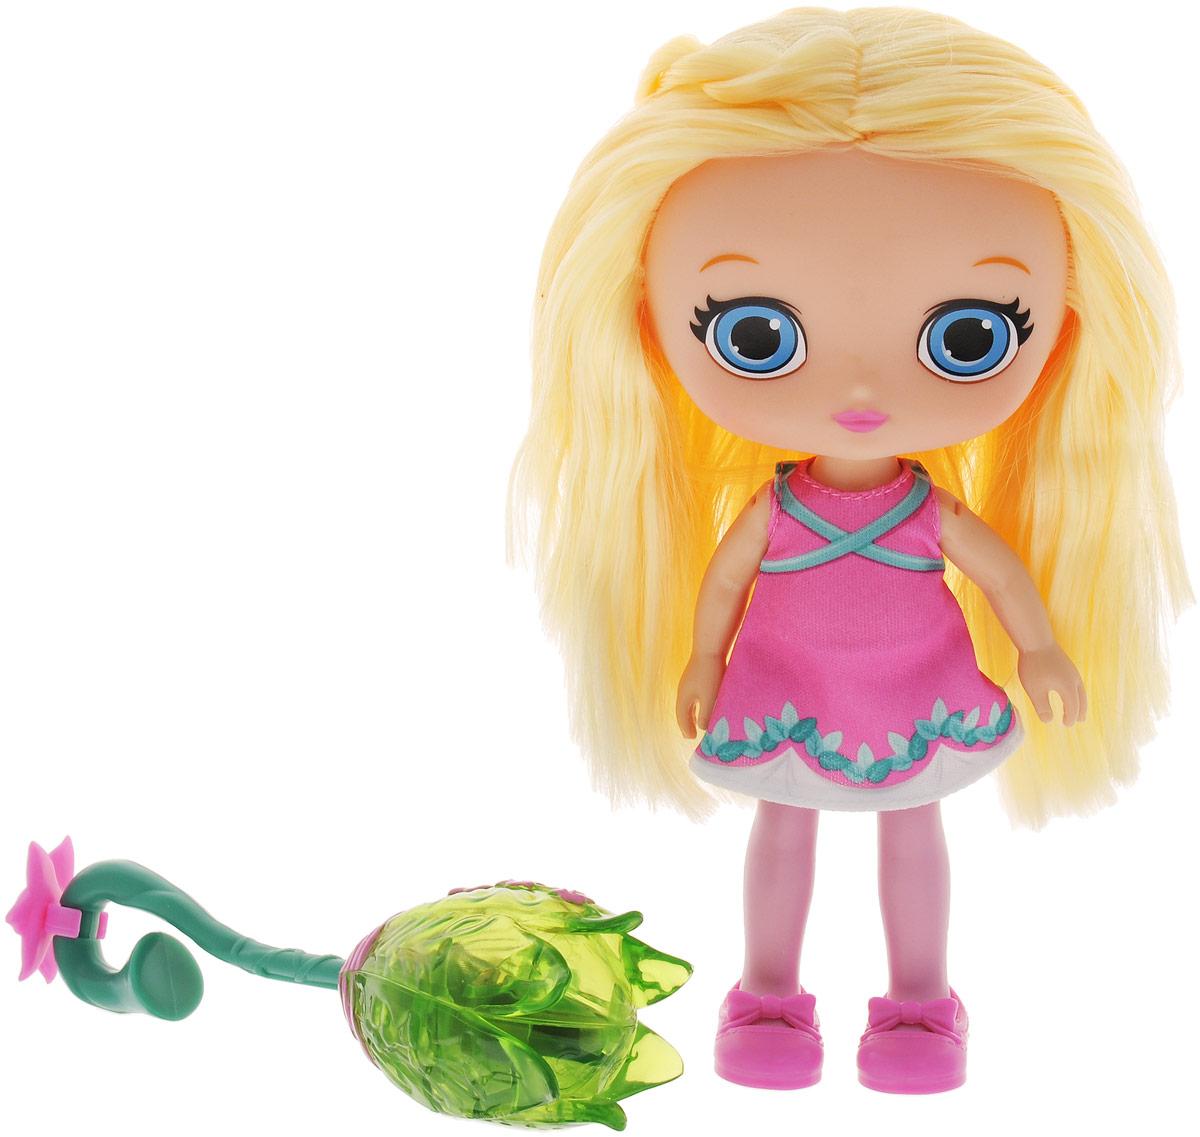 Little Charmers Кукла Posie с метлой71714_20071272Очаровательная кукла Posie станет лучшей подружкой вашей малышки. Куколка одета в короткое розовое платье. На ногах куклы симпатичные розовые туфельки. У куклы длинные светлые волосы, которые можно расчесывать и делать из них различные прически. В комплект входит метла, на которой летает юная ведьмочка. У метлы красивая и необычная форма - она слегка изогнута и украшена розовыми цветком. Если посадить куклу на метлу и играть, как будто она летит, наклоняя ее в разные стороны, вы увидите красивые световые и звуковые эффекты. Выразительный внешний вид и аккуратное исполнение куклы делает ее идеальным подарком для любой девочки. Порадуйте свою малышку таким великолепным подарком! Поузи (Posie) - героиня мультсериала Маленькие Волшебницы. Она очень вежливая, миролюбивая и большая оптимистка. Поузи всегда доверяет своим предчувствиям, которые ее никогда не подводят. Она всегда старается выглядеть красиво и аккуратно. Поузи делает все возможное, чтобы всегда...